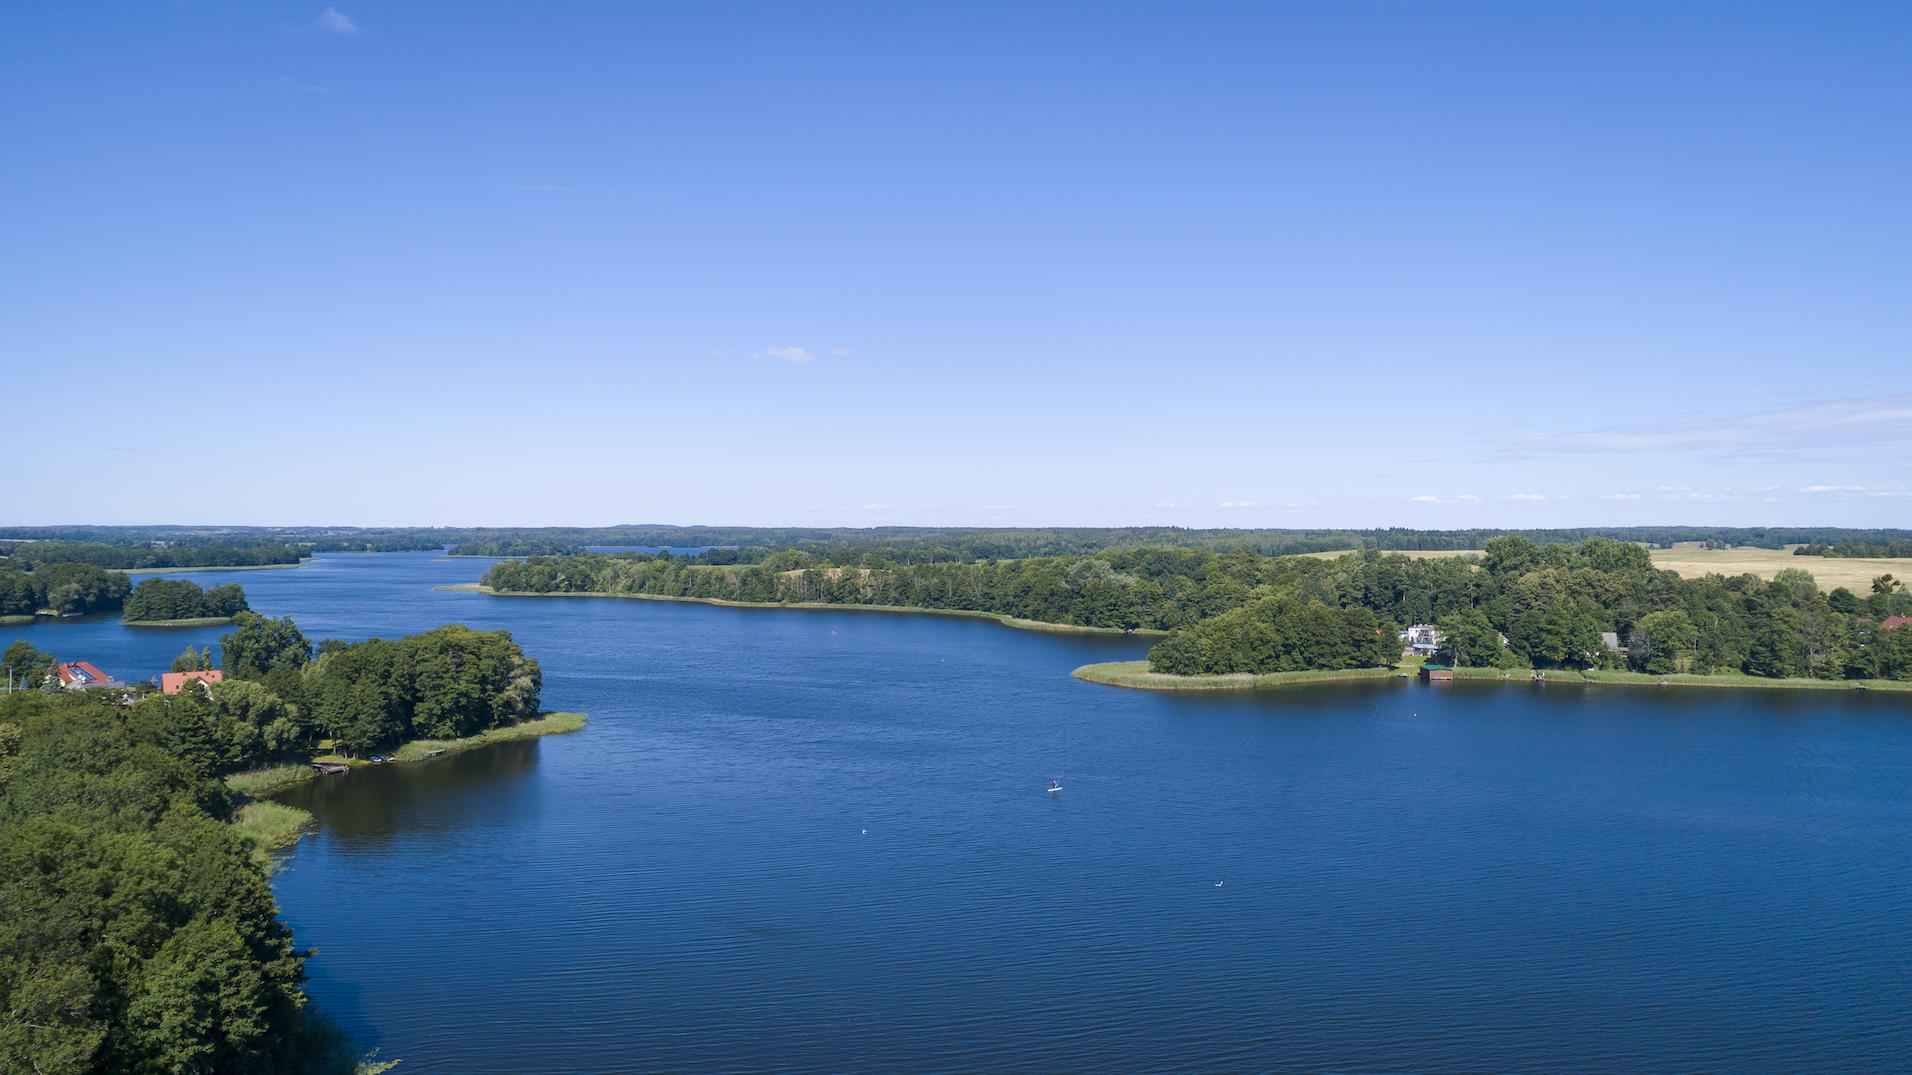 vista-aerea-de-agua-campos-y-cielo